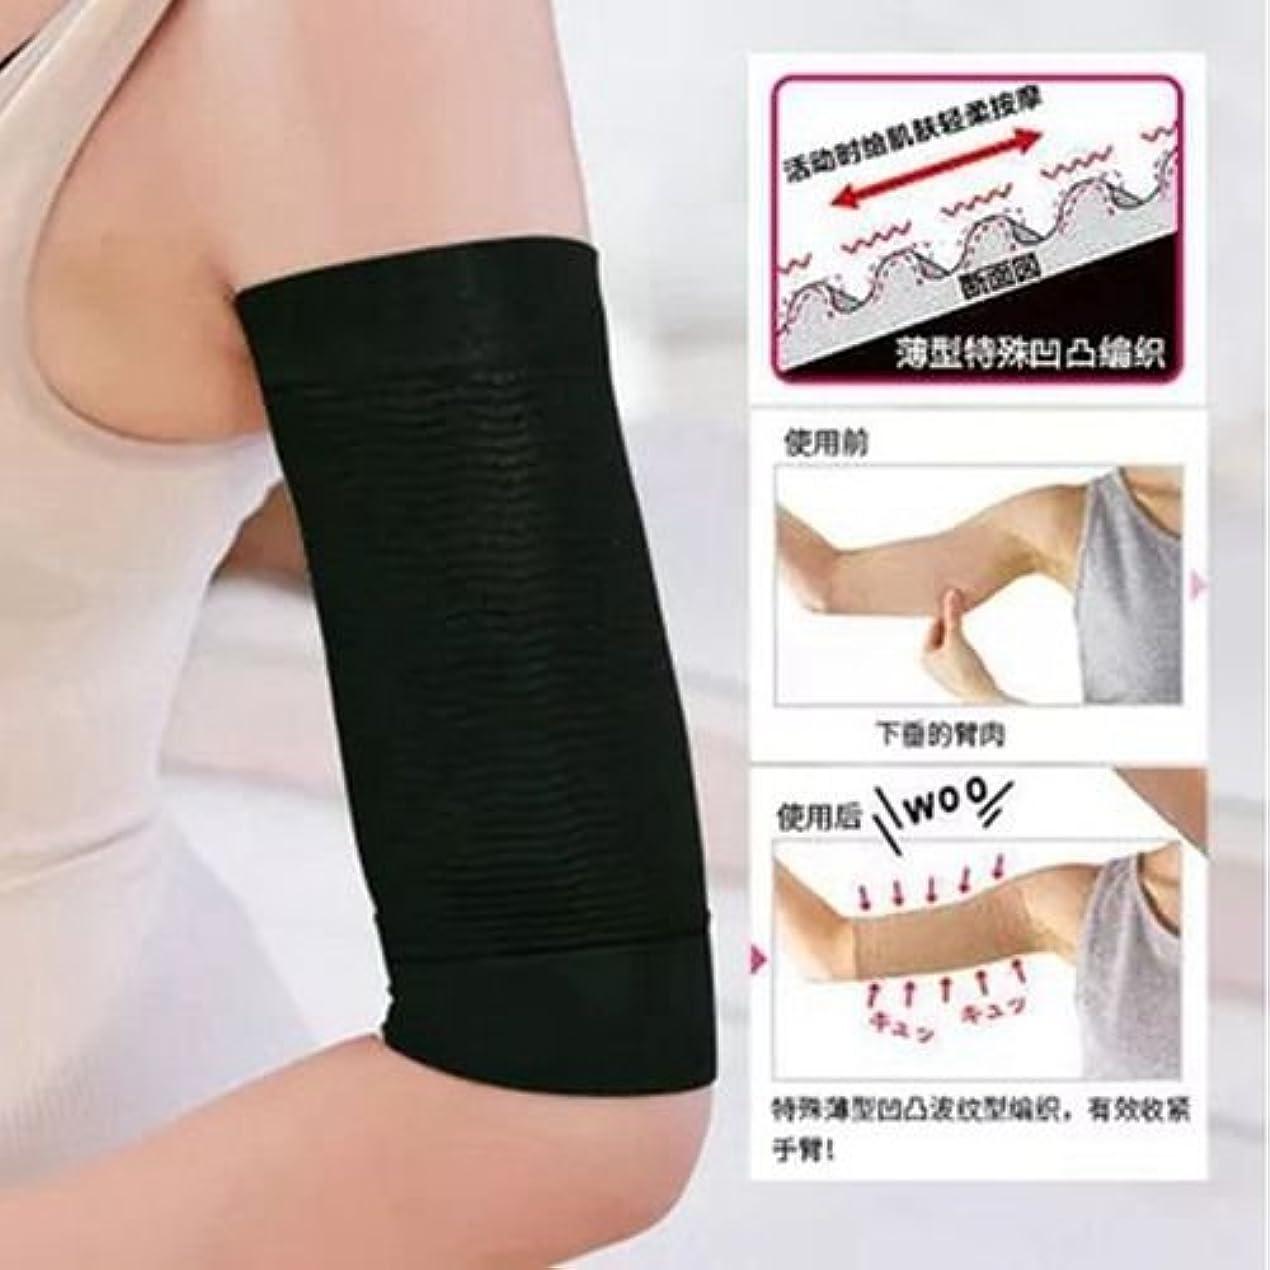 形成フィード改善するThreeCat ダイエット 腕2枚組 420D マッサージ 脂肪燃焼 バストアップレディース 女性 二の腕シェイパー size 20~30cm (ベージュ)